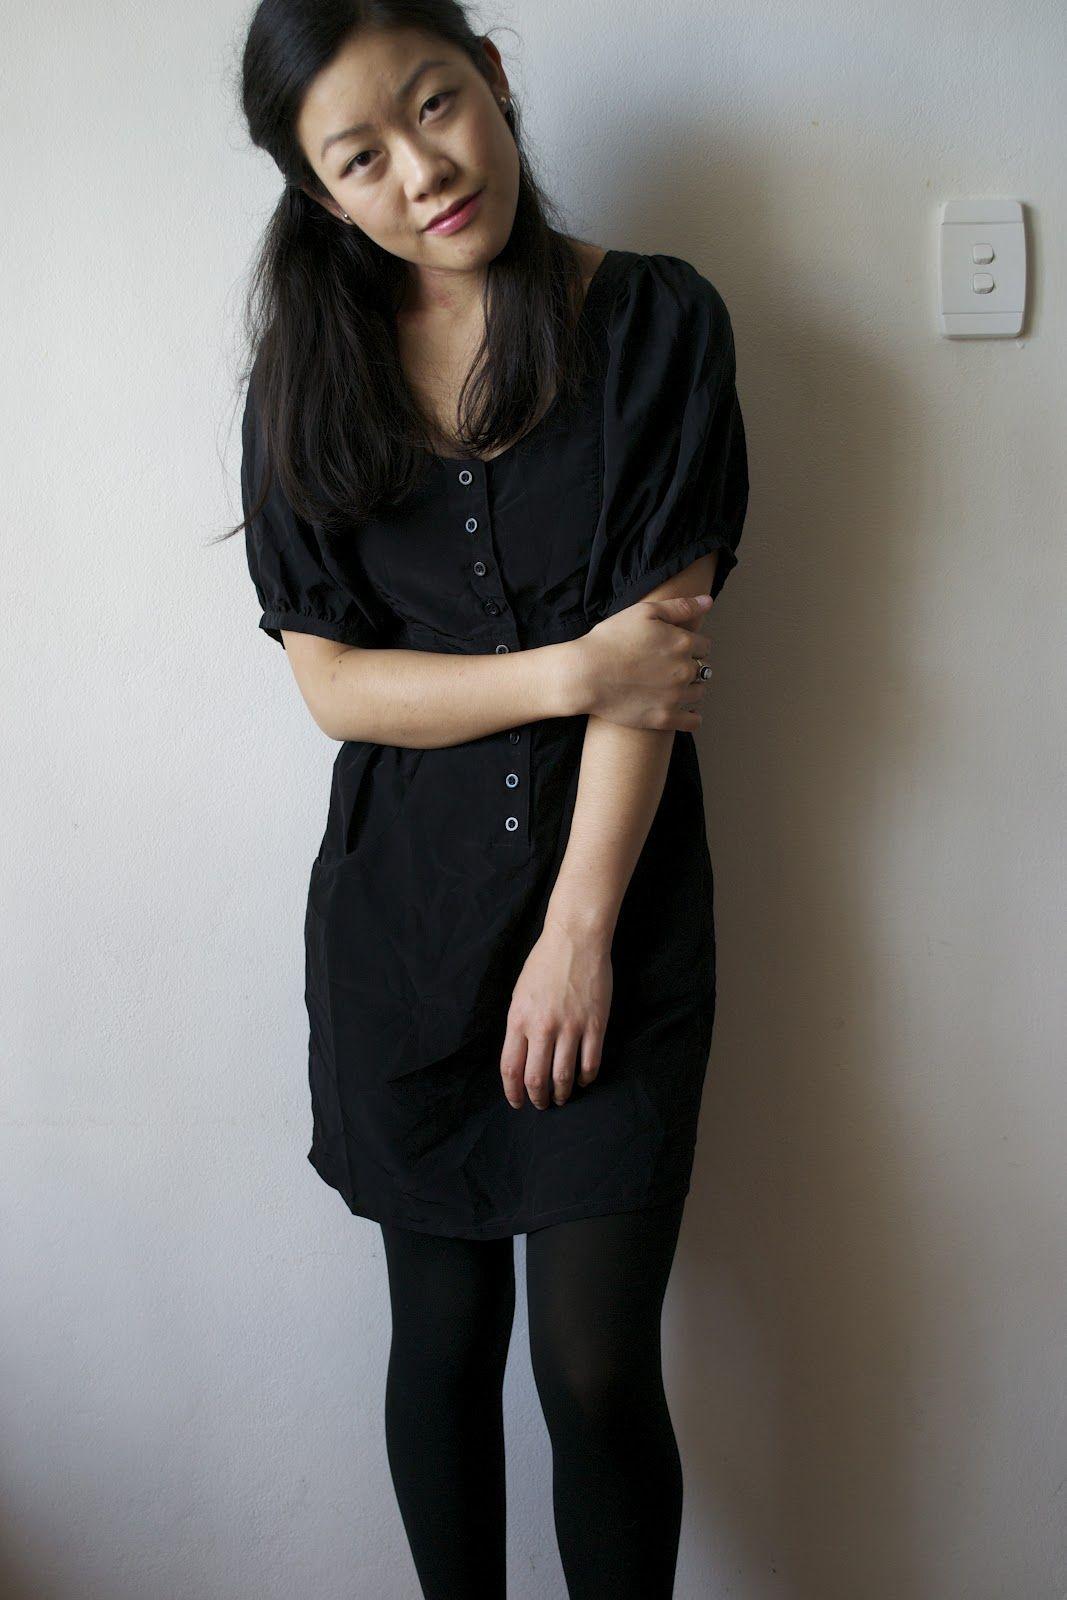 La petite mademoiselle splash of red tokito black dress dorothy